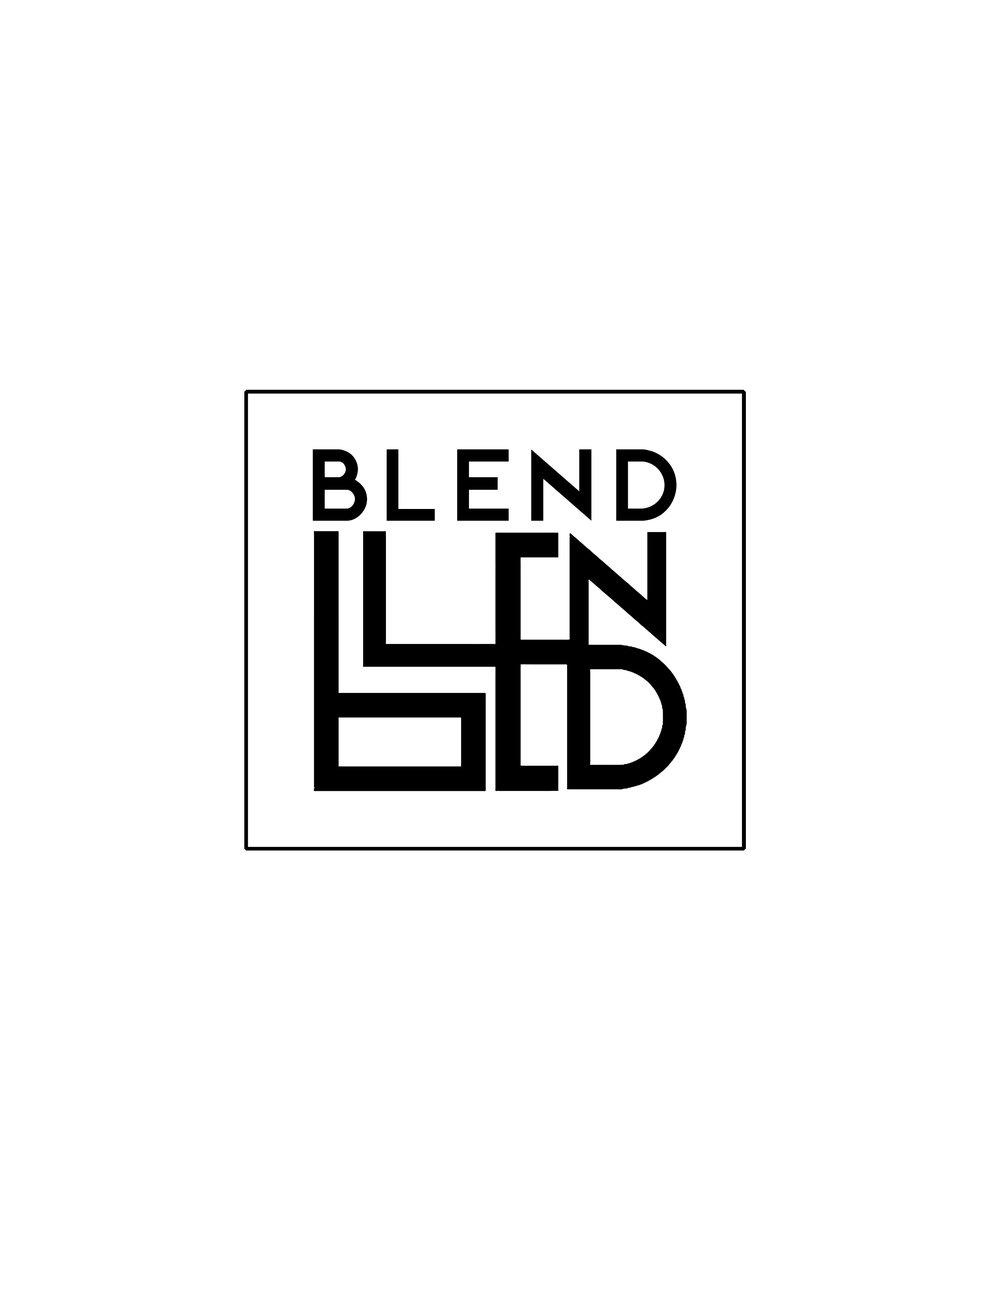 FINAL Blend Logo all black.jpg